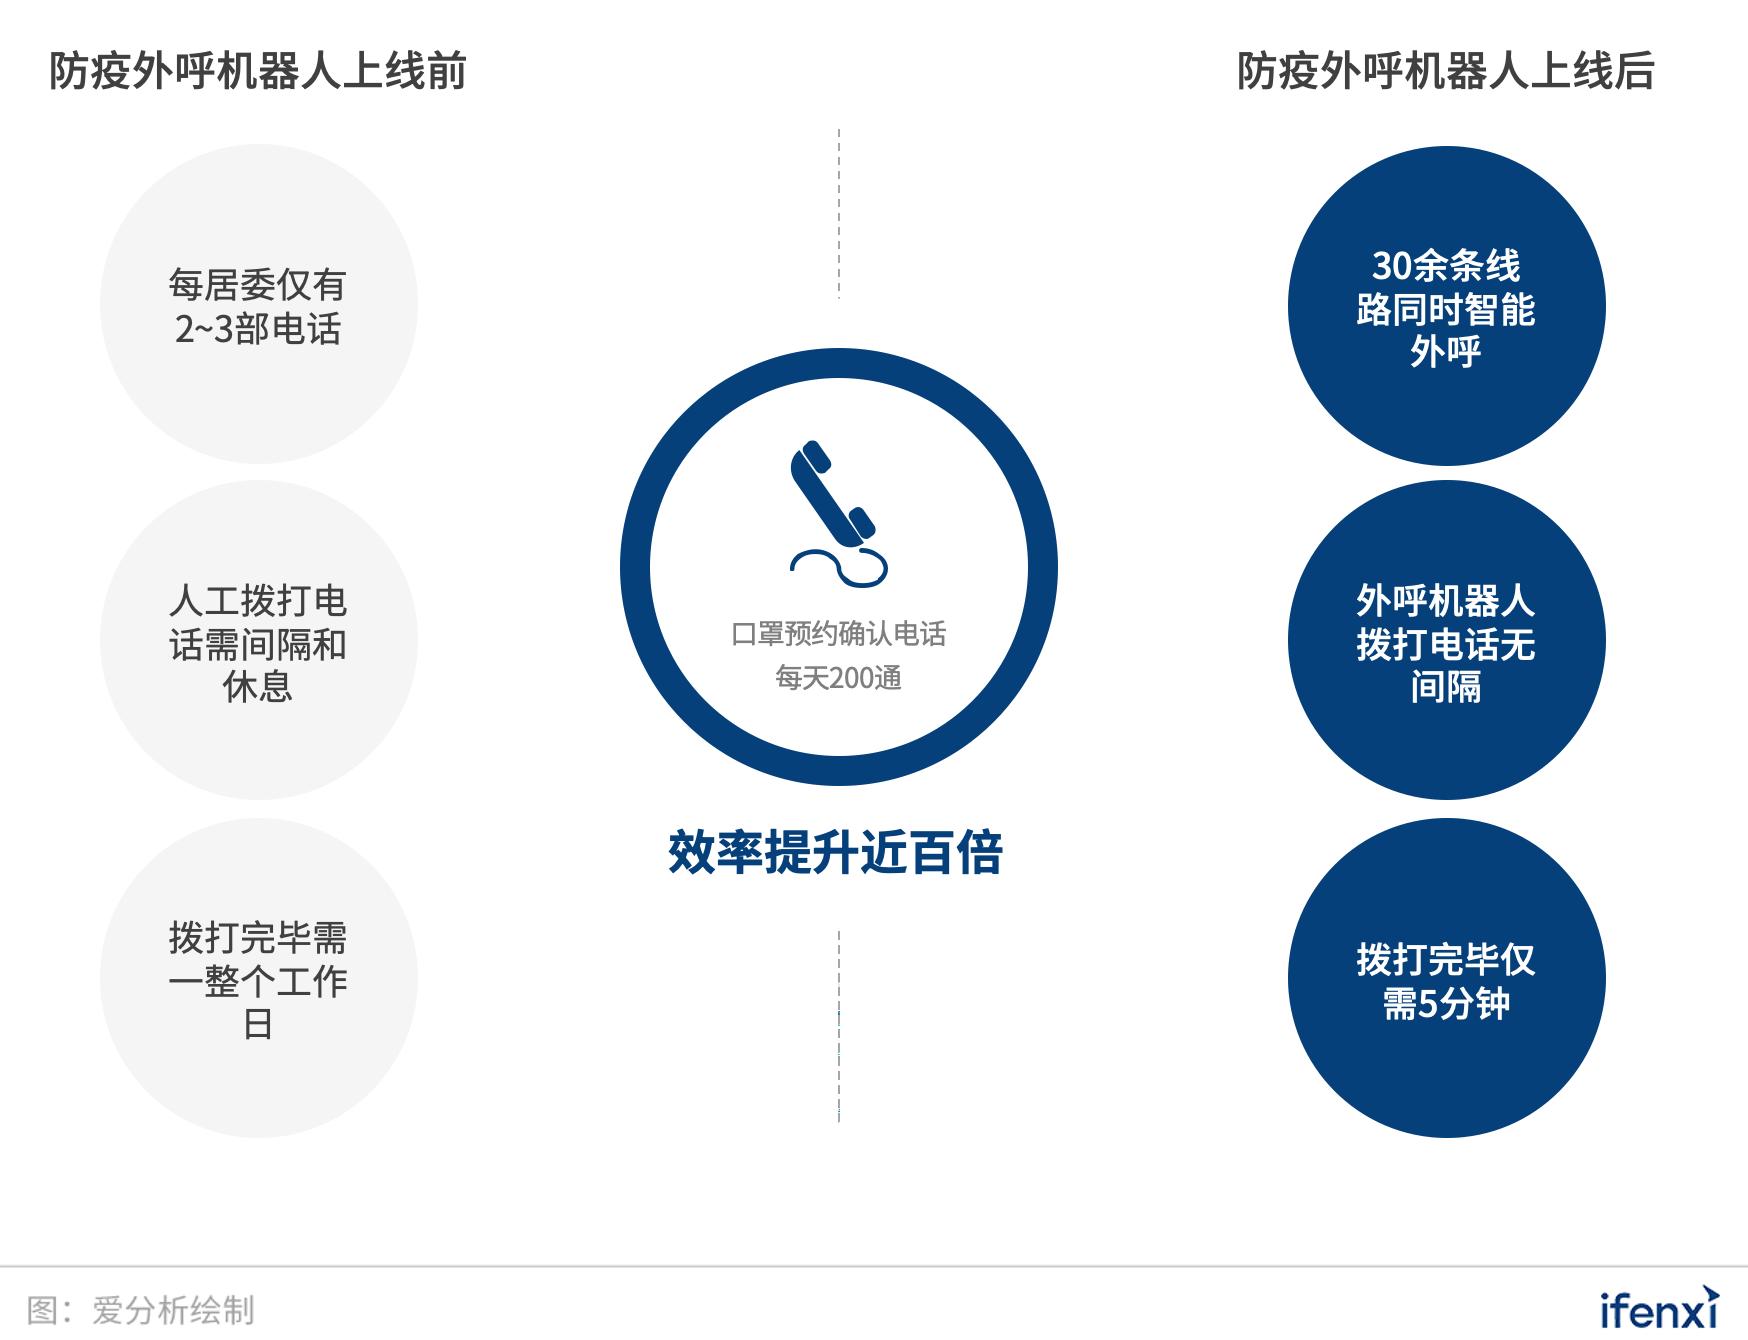 外呼机器人落地上海,百倍效率助力社区防疫 | 先锋案例